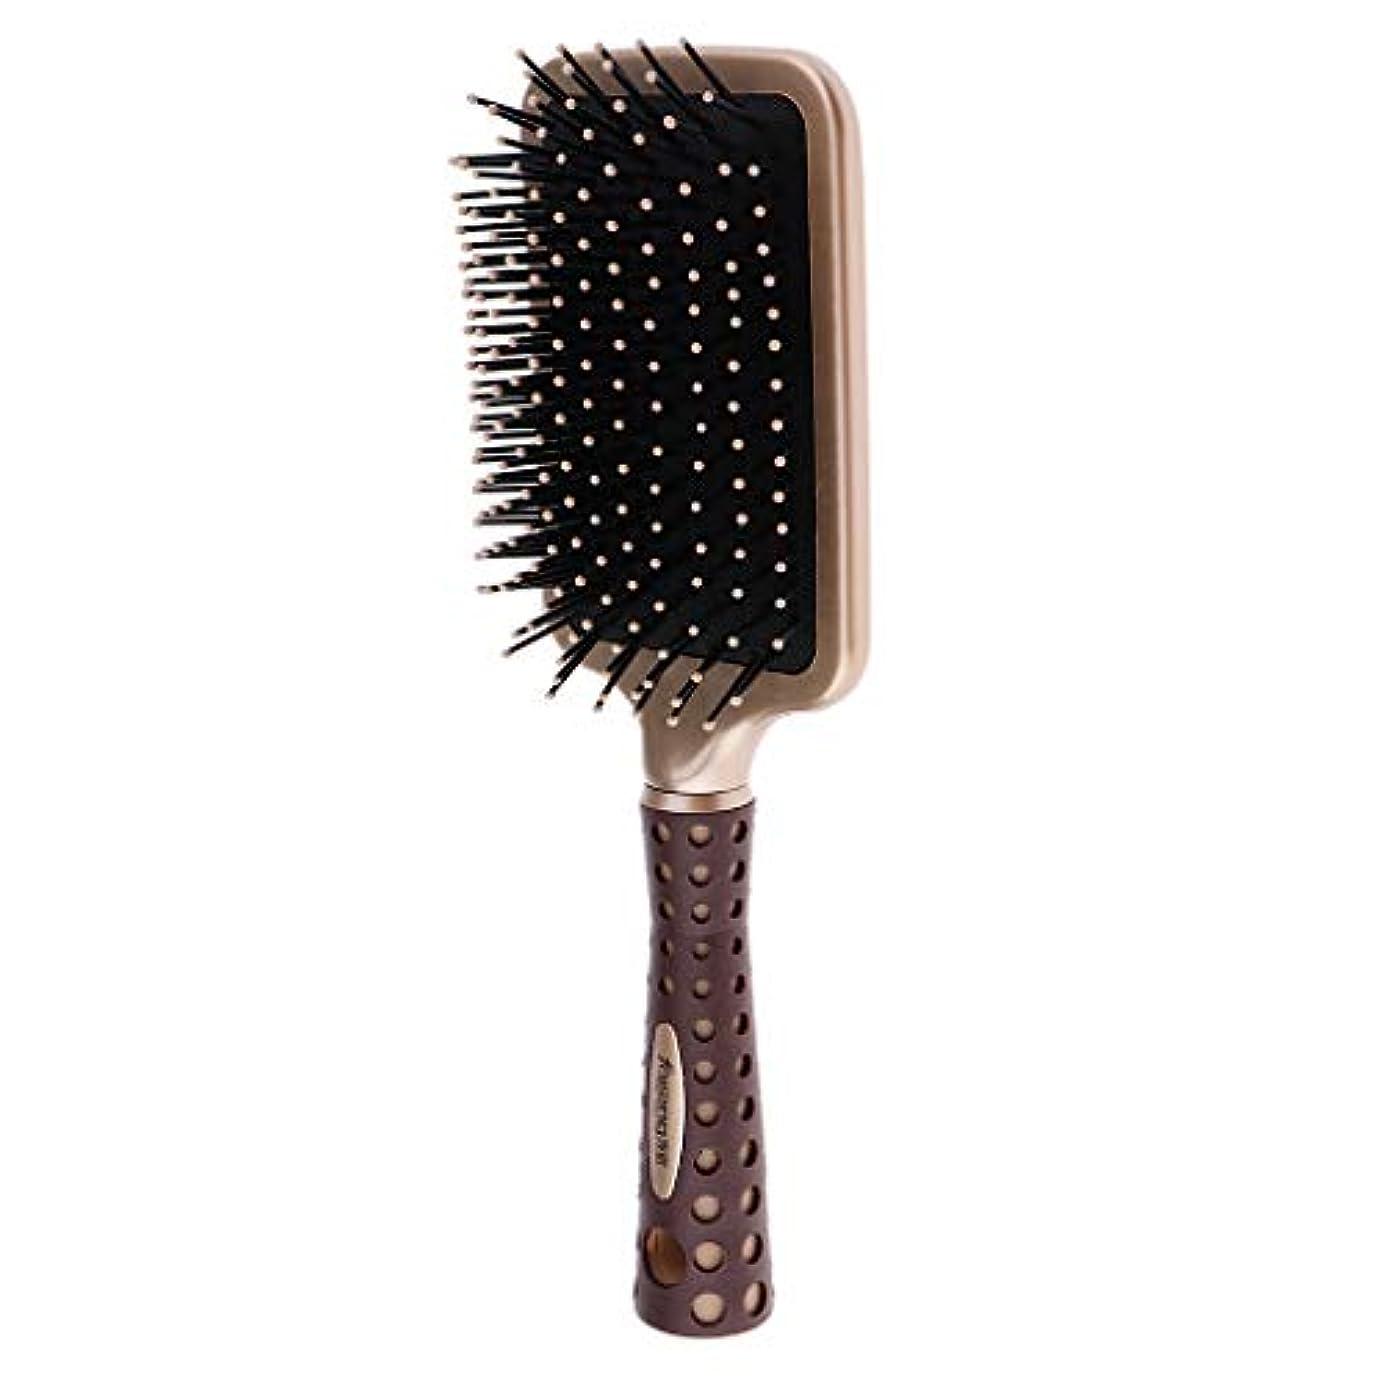 条件付き記憶大混乱静電防止櫛 クッションヘアブラシ 頭皮マッサージ コーム 2サイズ選べ - L